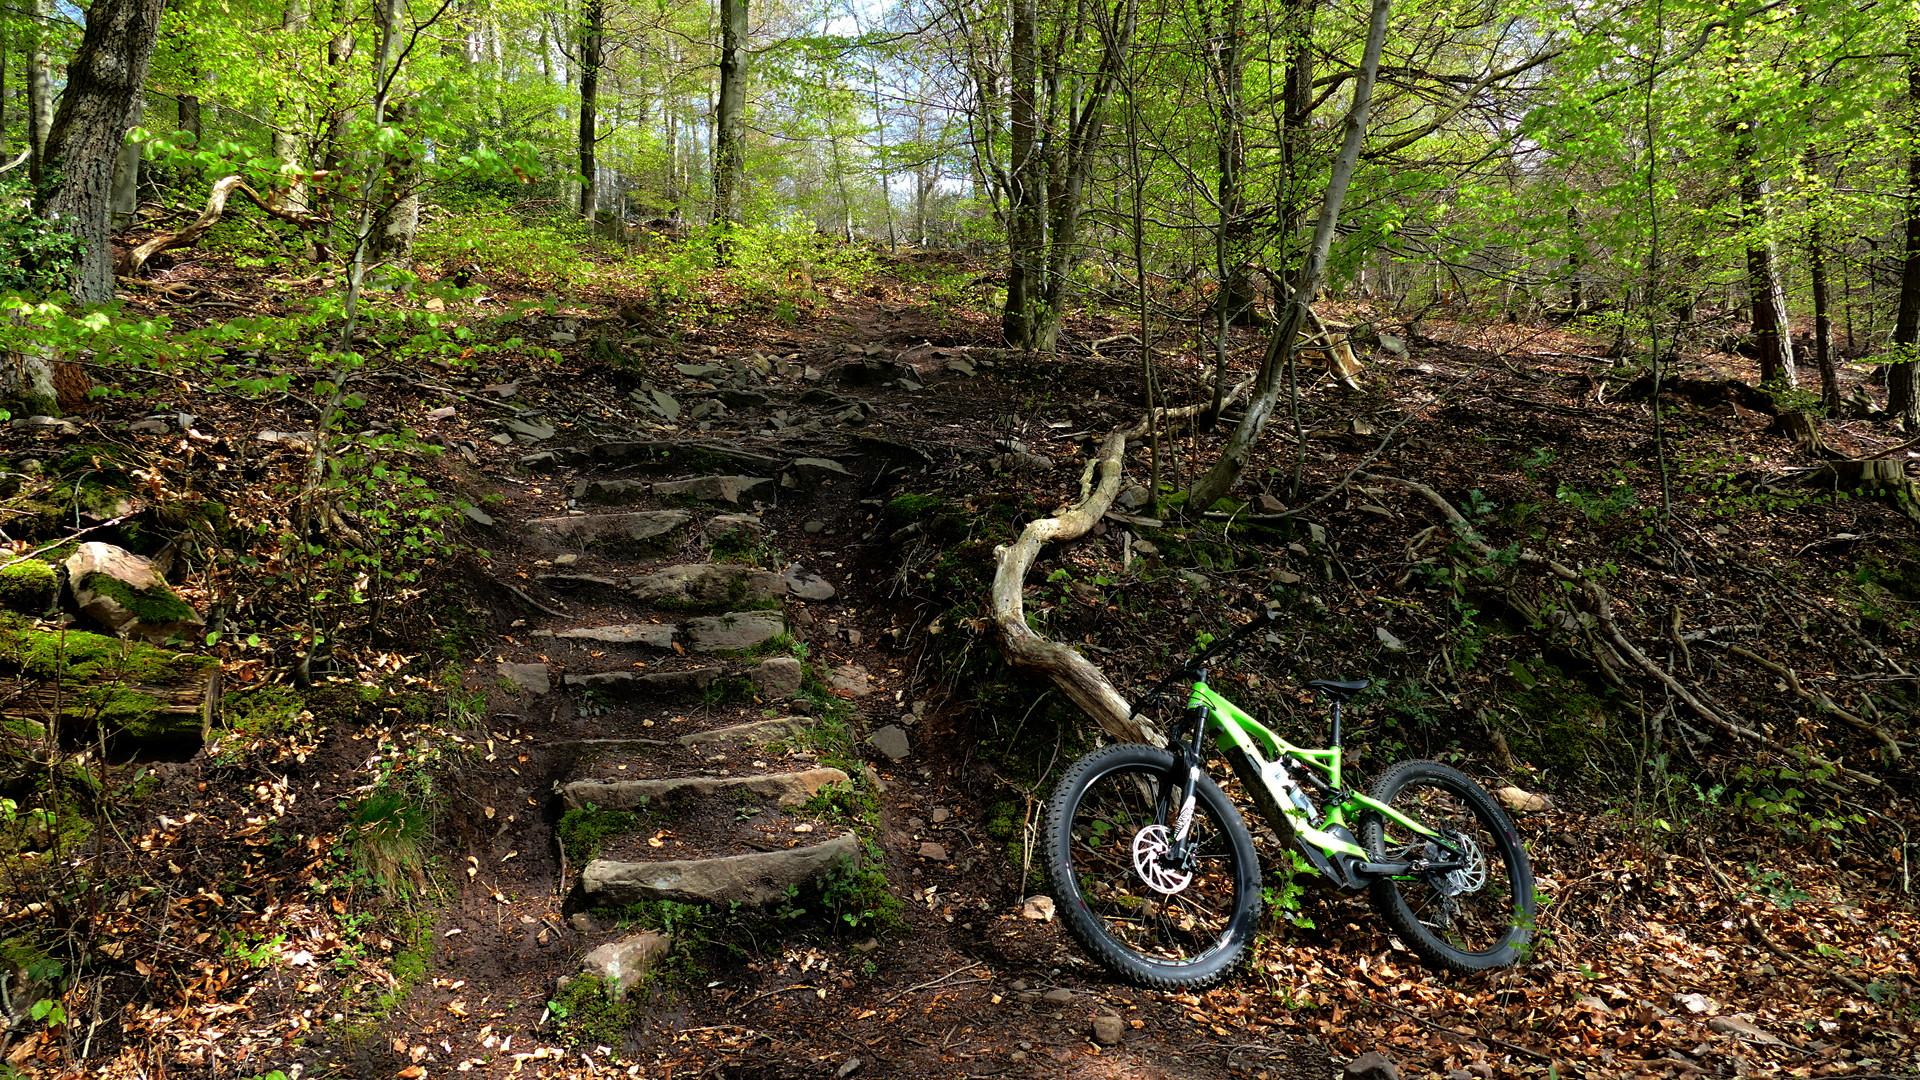 Turbo Levo vor einer steilen Natursteintreppe im Wald